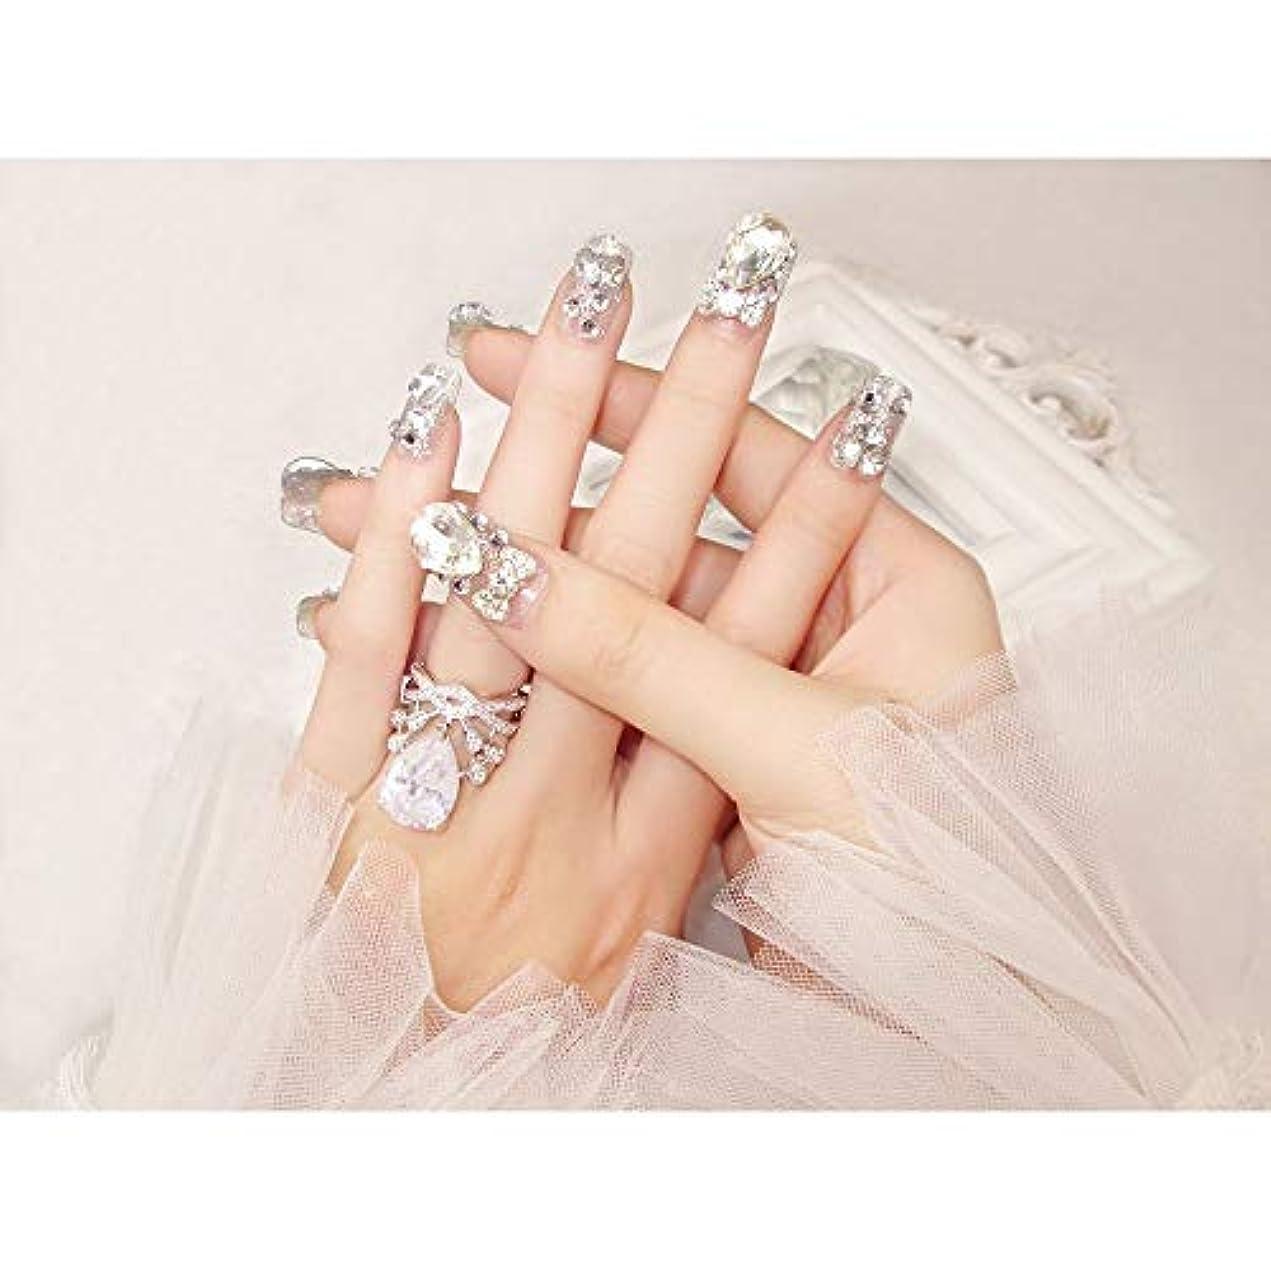 クラフト普通の微視的LVUITTON 完成した偽の釘24ピース箱入り花嫁シャイニー偽の爪の宝石ダイヤモンドの宝石ブライダルネイルステッカー (色 : 24 pieces)